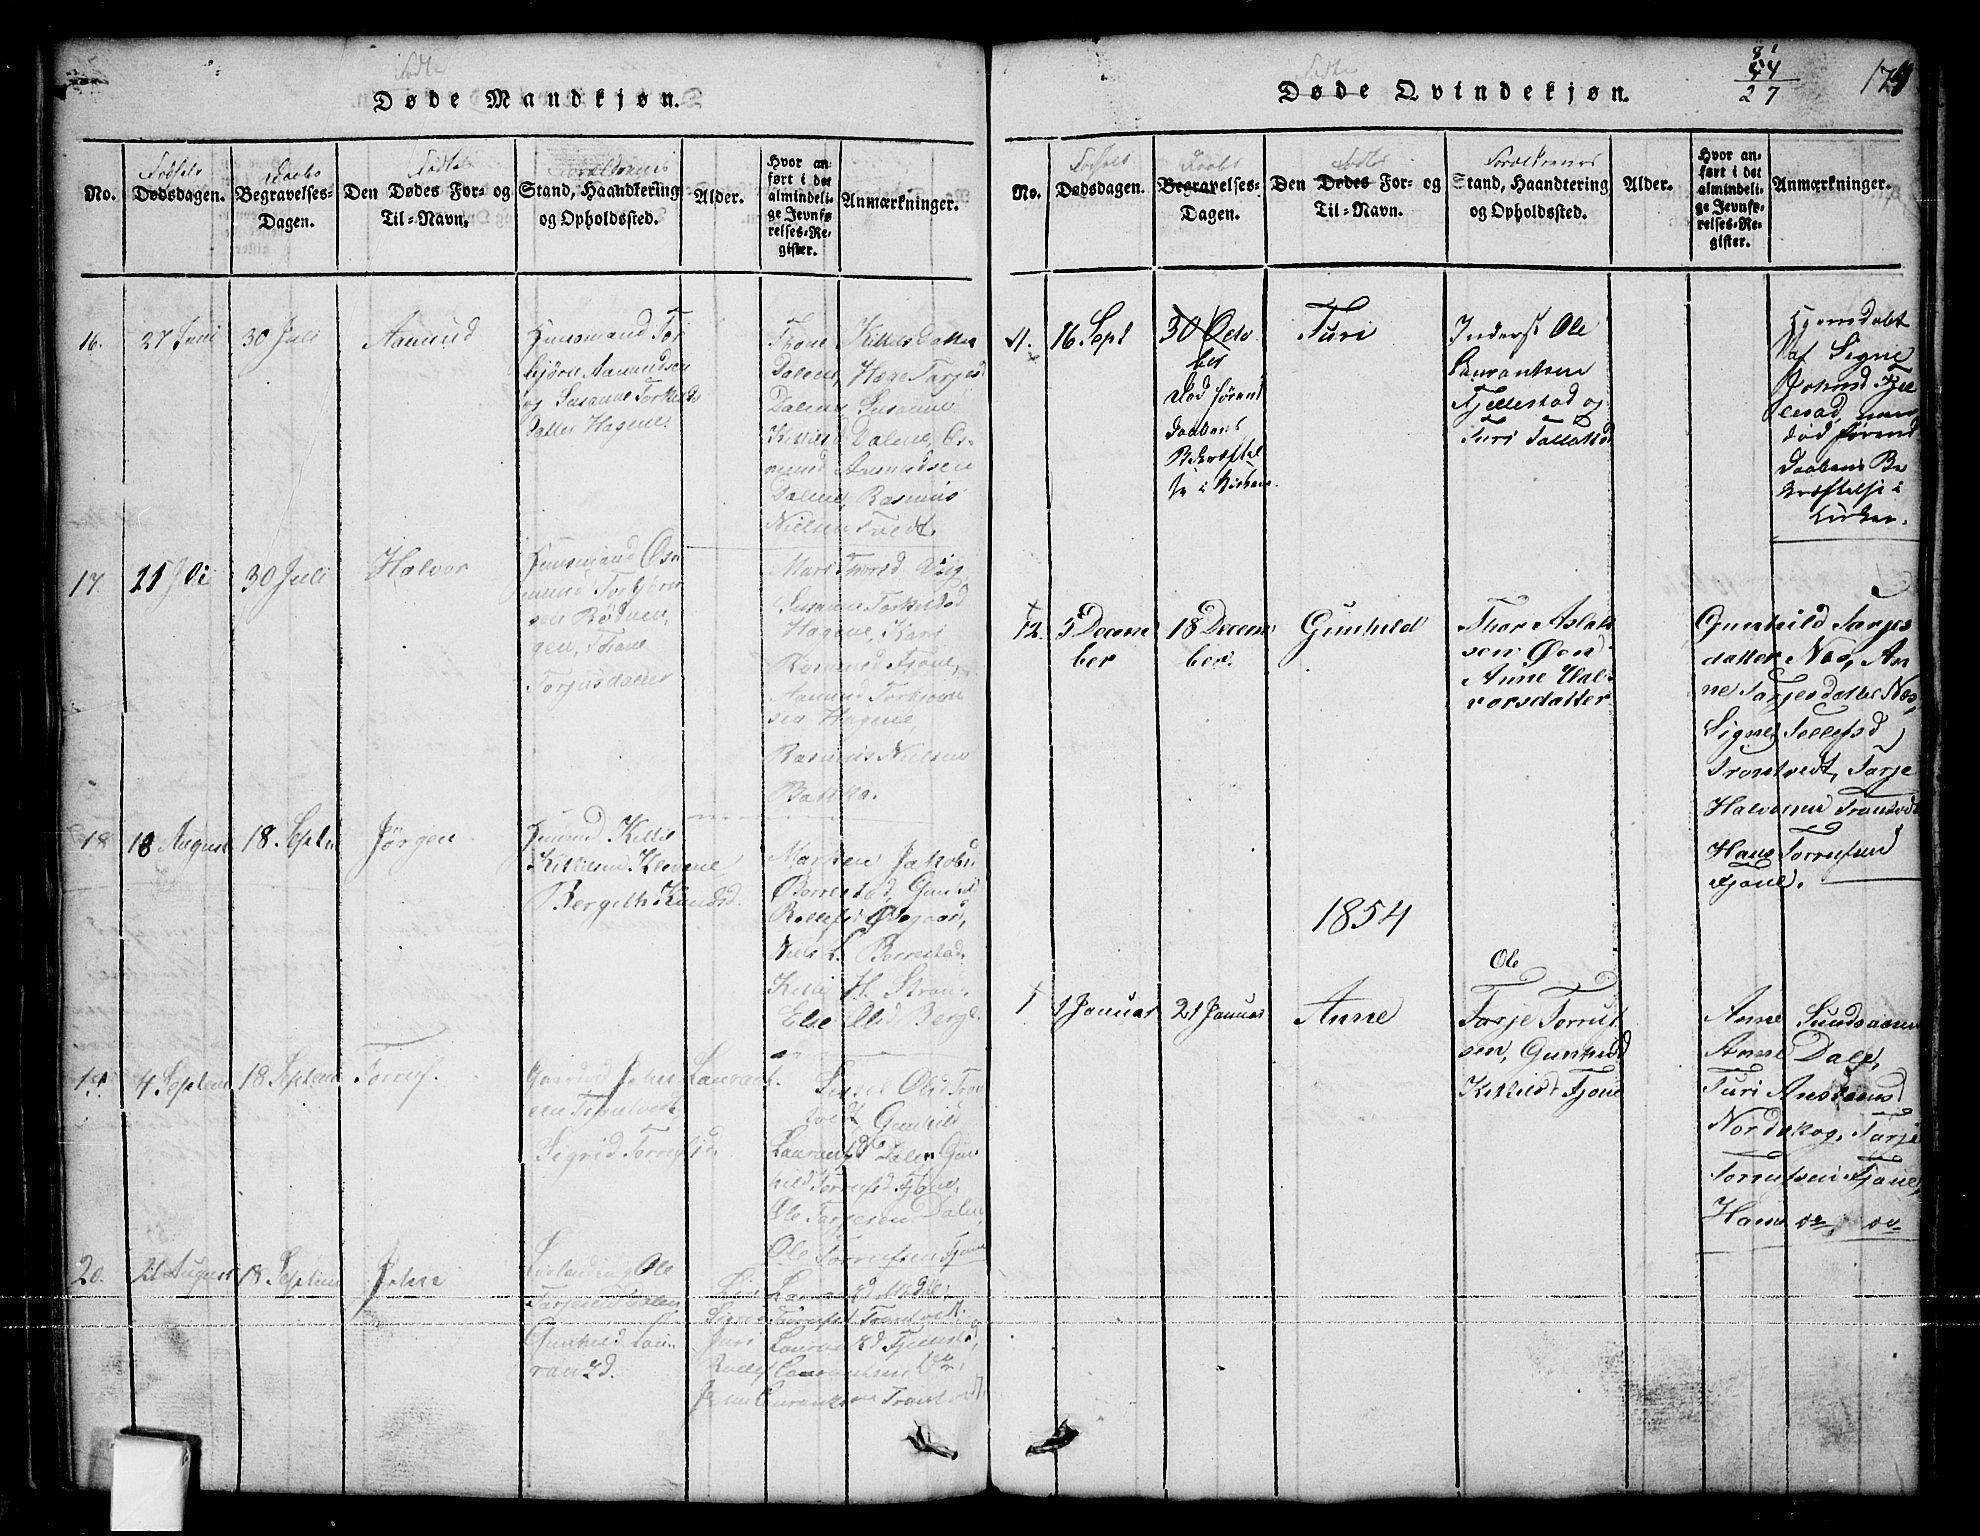 SAKO, Nissedal kirkebøker, G/Ga/L0001: Klokkerbok nr. I 1, 1814-1860, s. 174